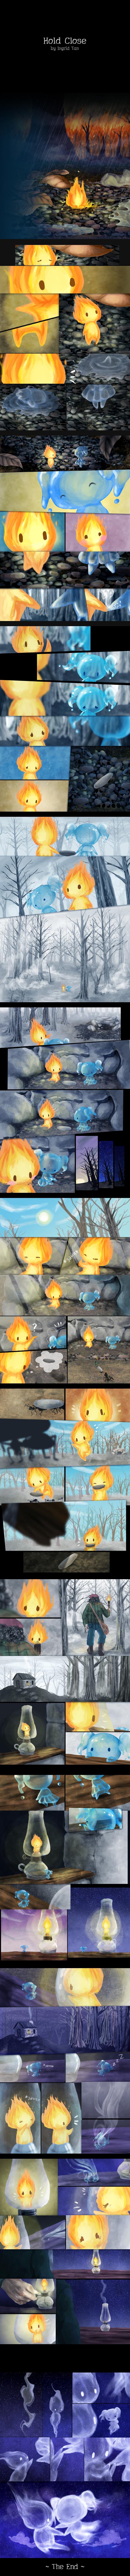 Hold Close Feuer und Wasser